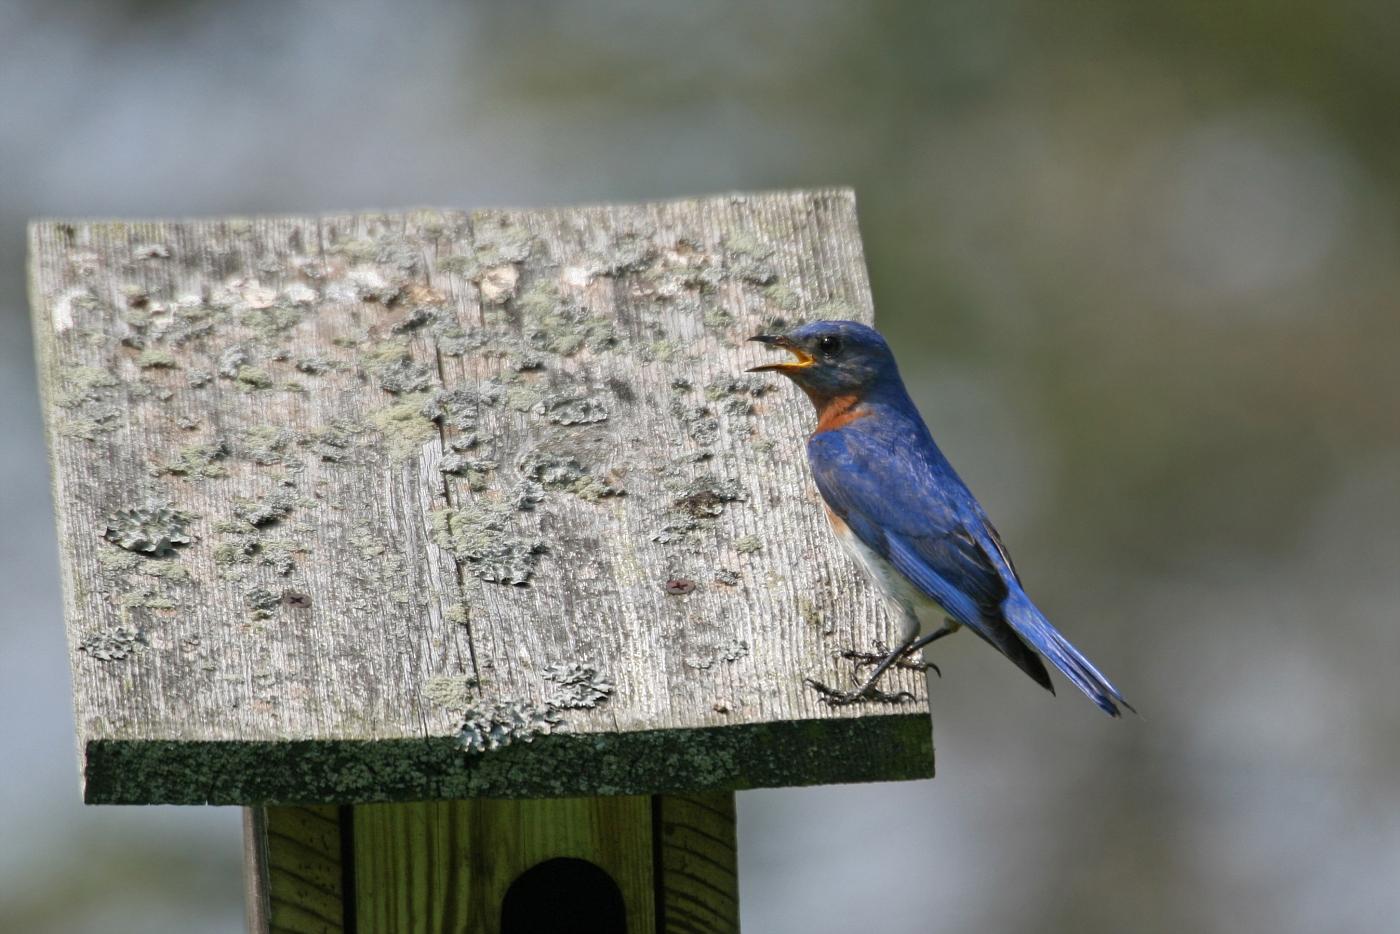 Male Bluebird #12